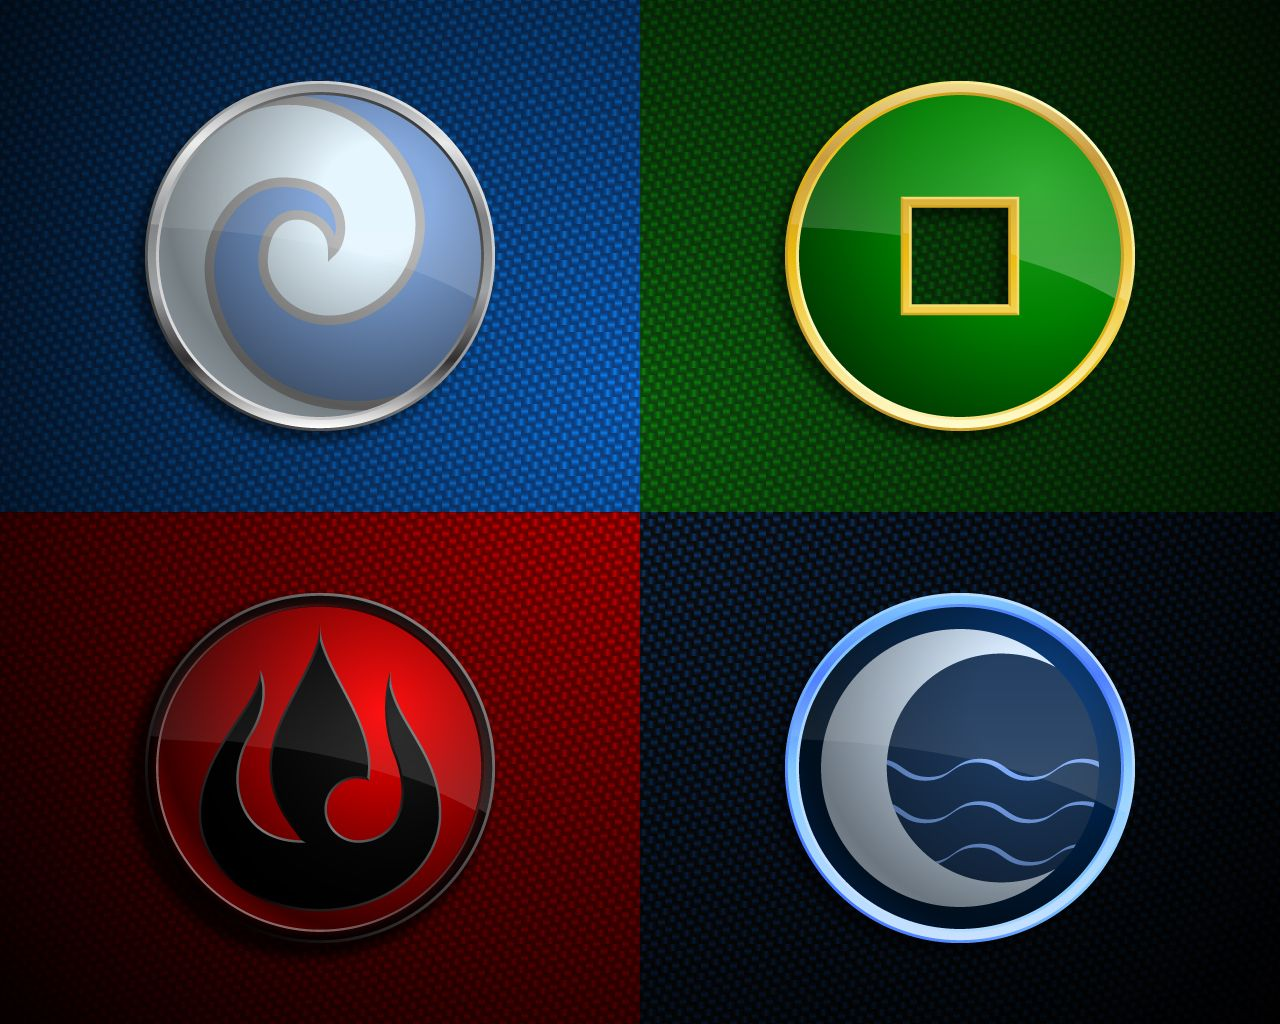 Avatar Logo Wallpaper By Spazchickeniantart On Deviantart